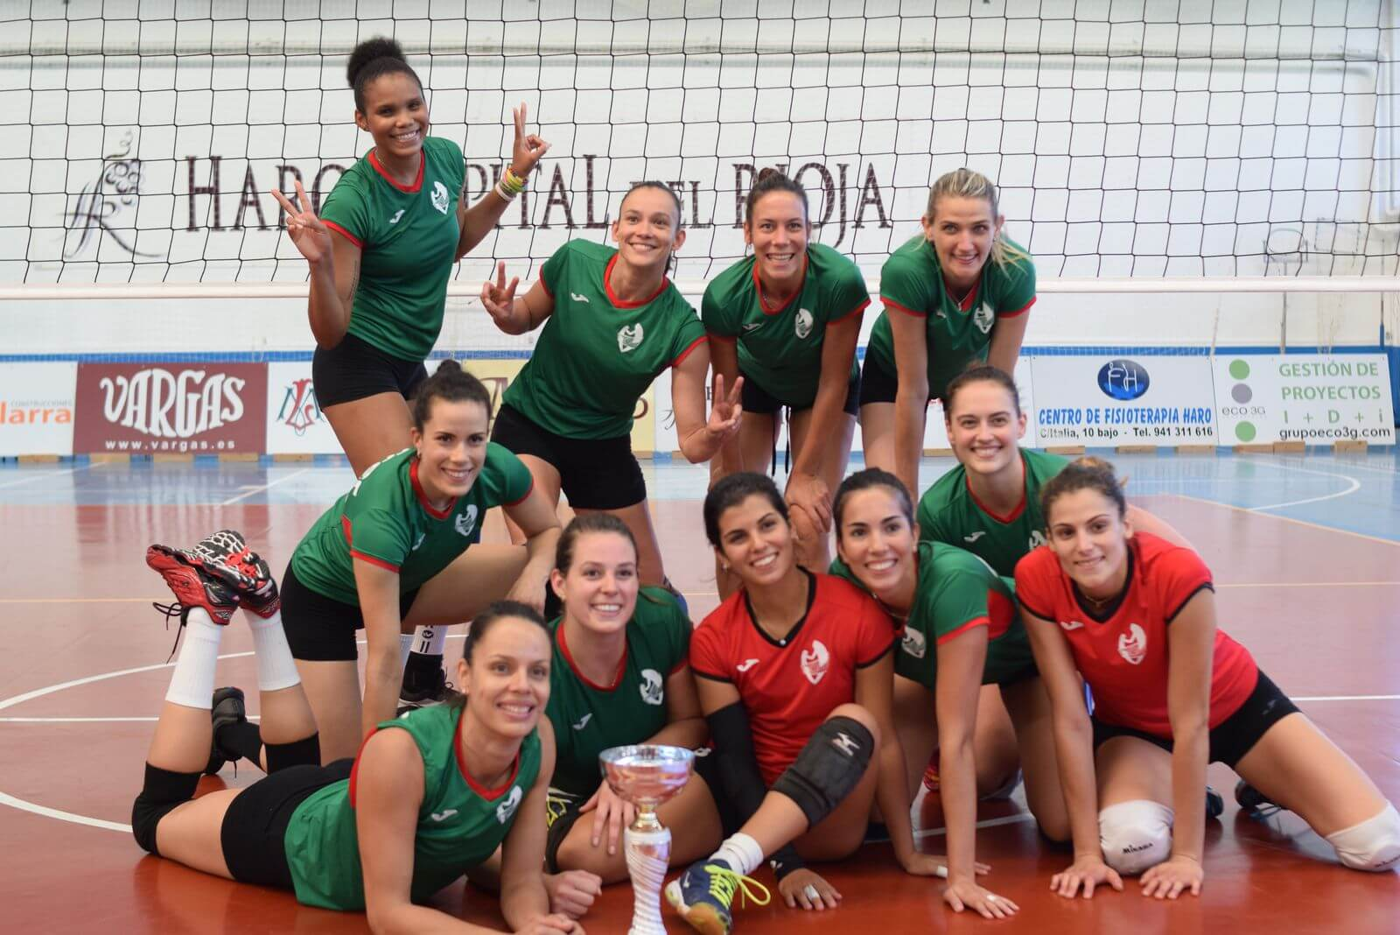 Minis de Arluy Voleibol Logroño, ganador del Memorial Lorena Ojeda 4